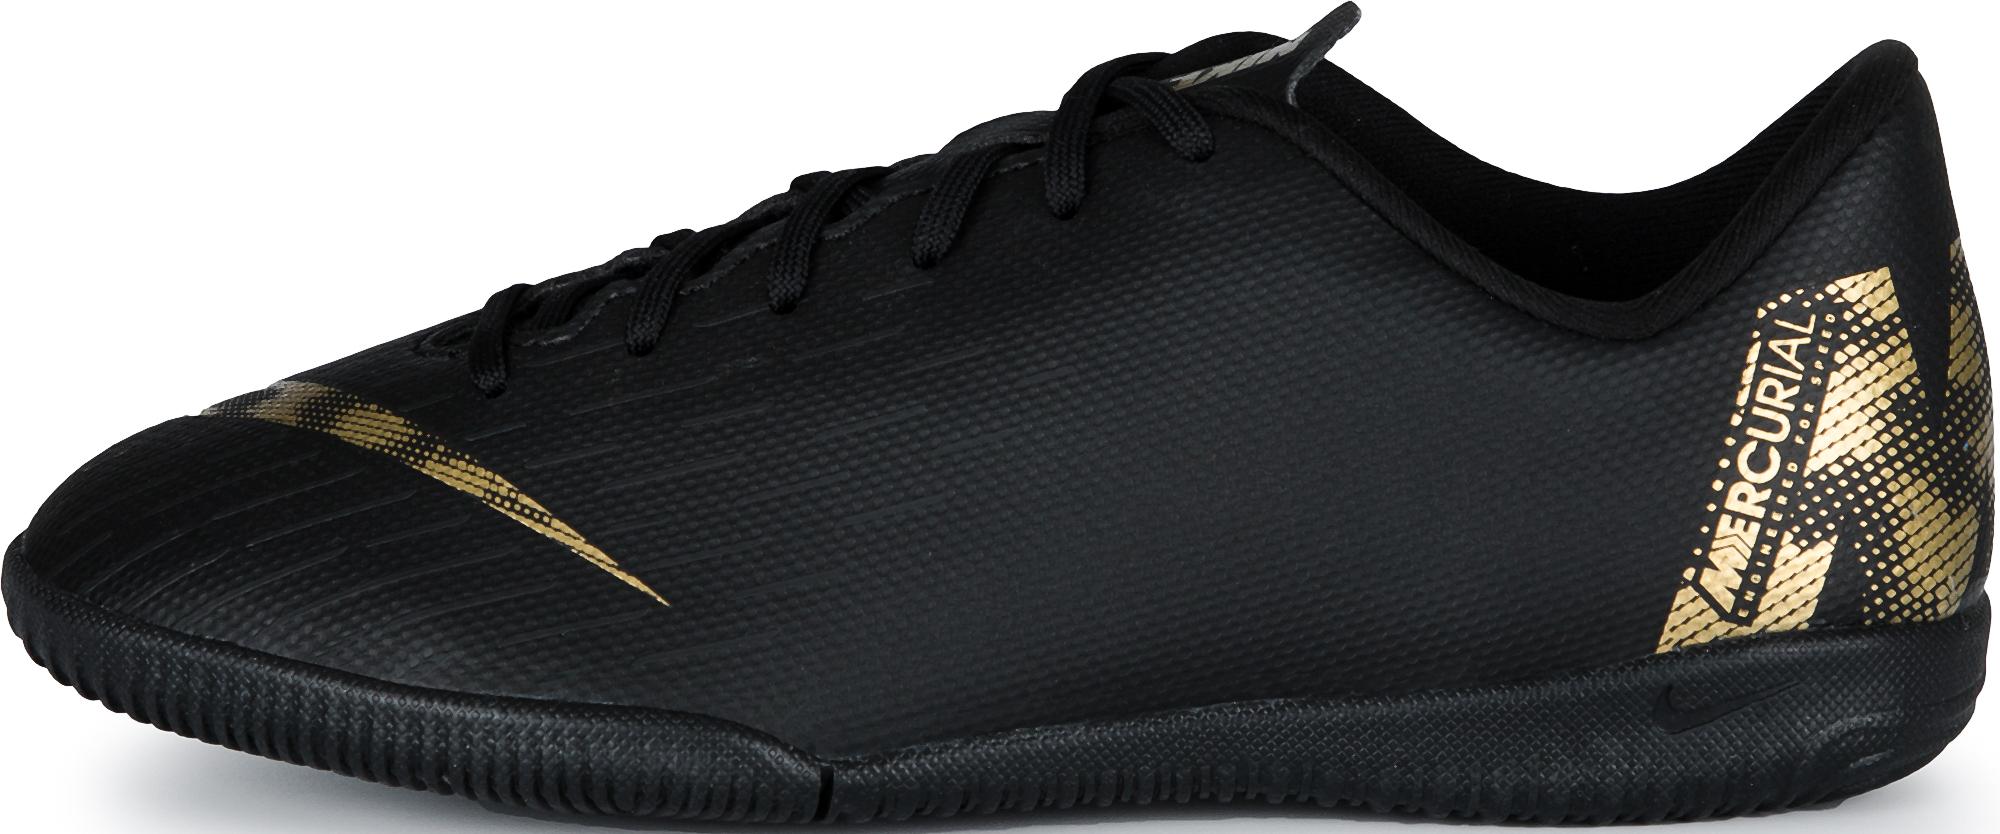 Nike Бутсы детские Nike JR Vapor 12, размер 37